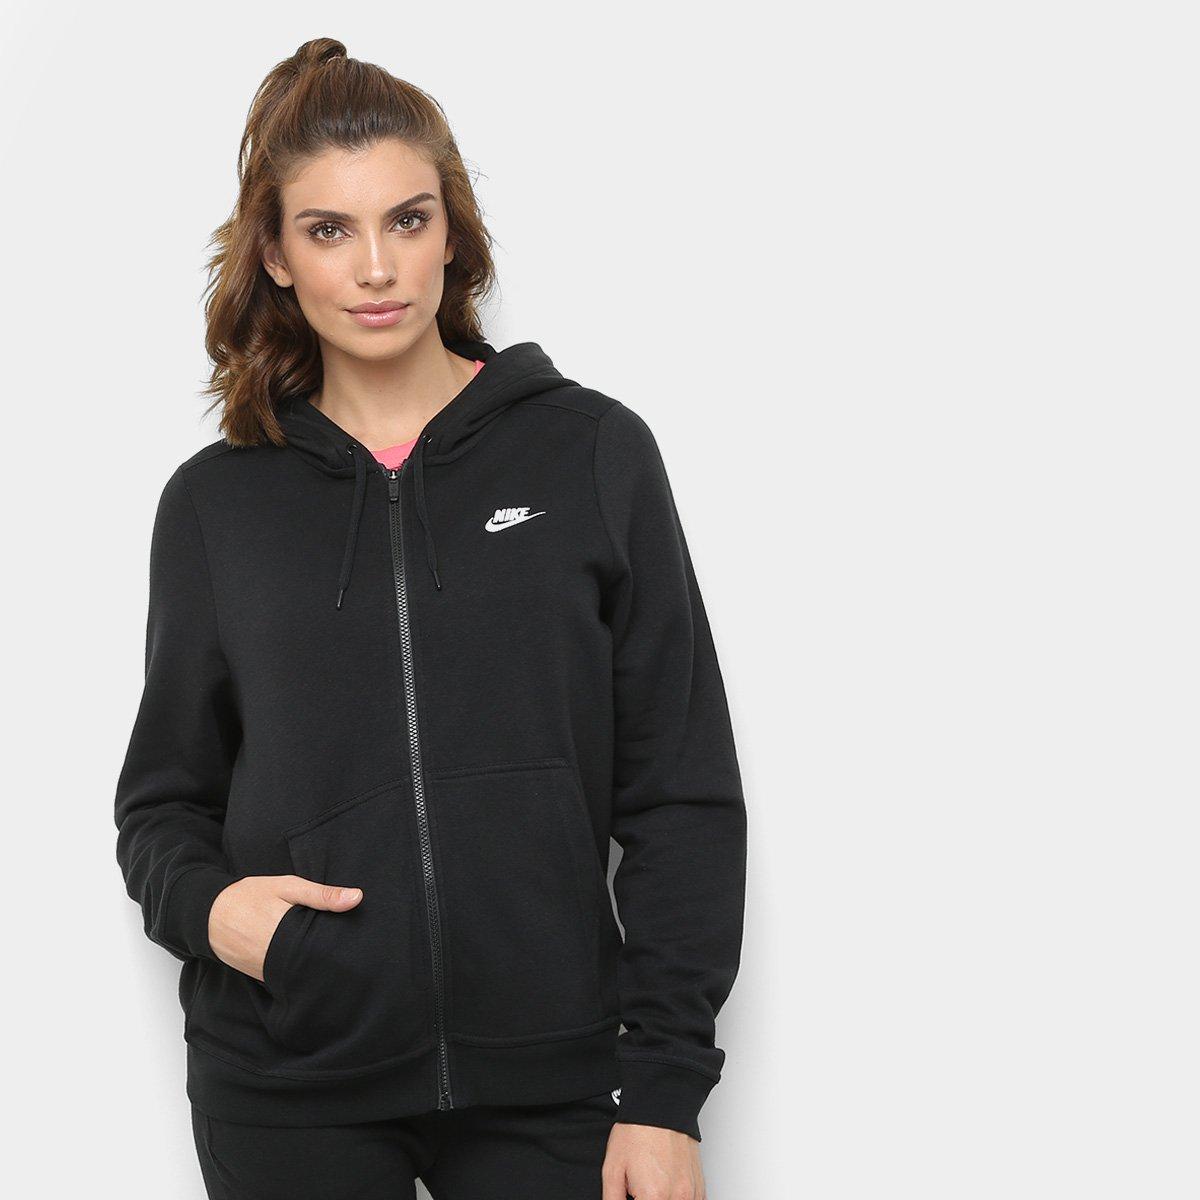 Jaqueta Nike Hoodie Feminina Preto E Branco